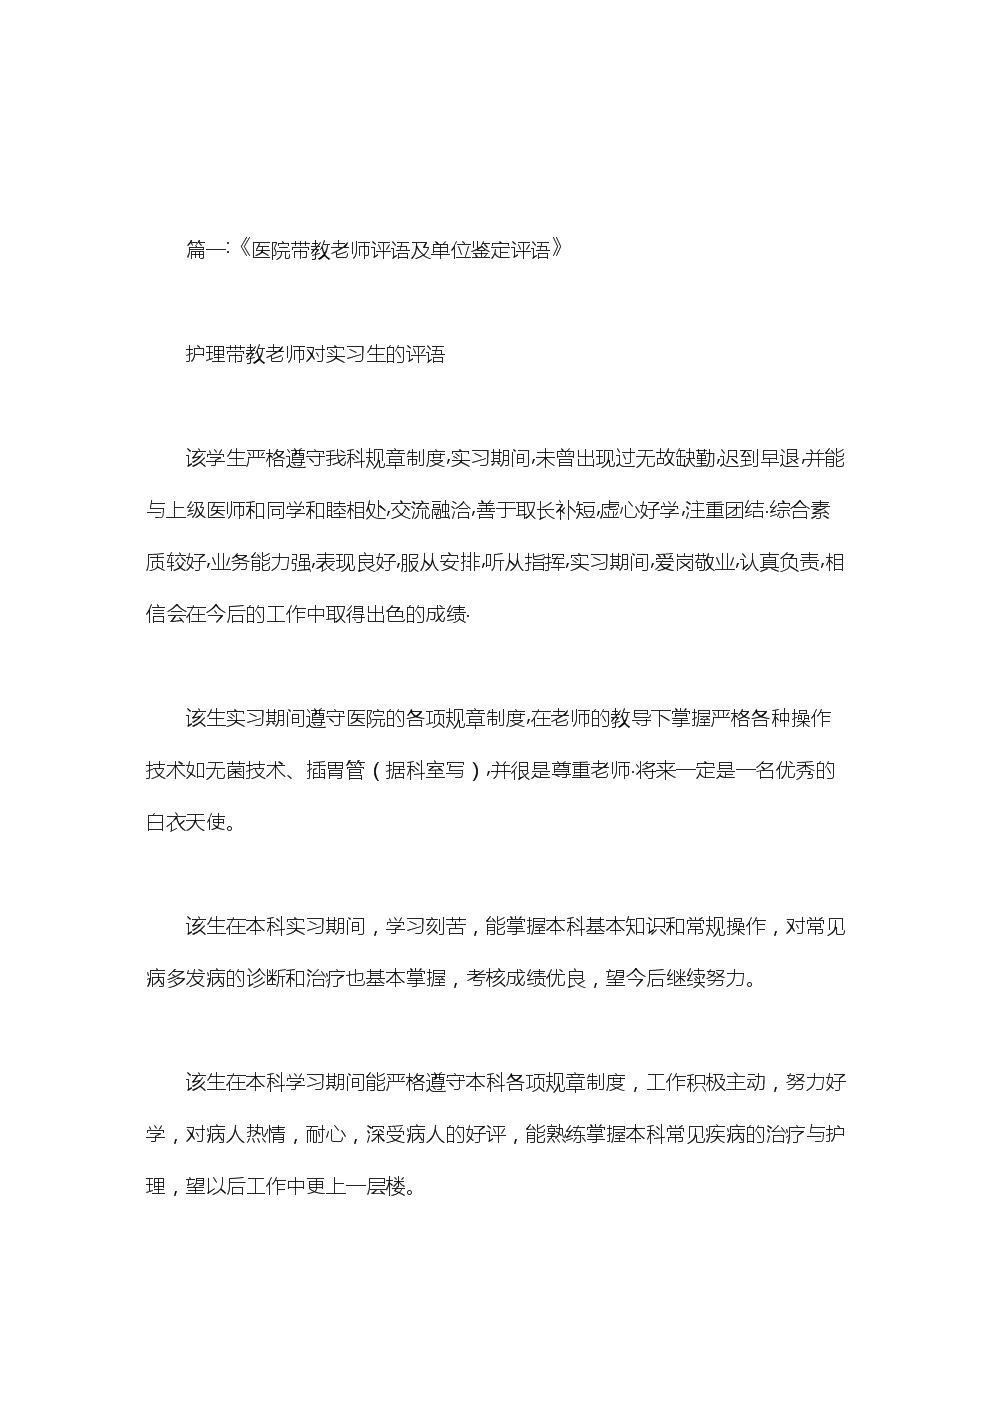 中医学院学生义诊评语.doc